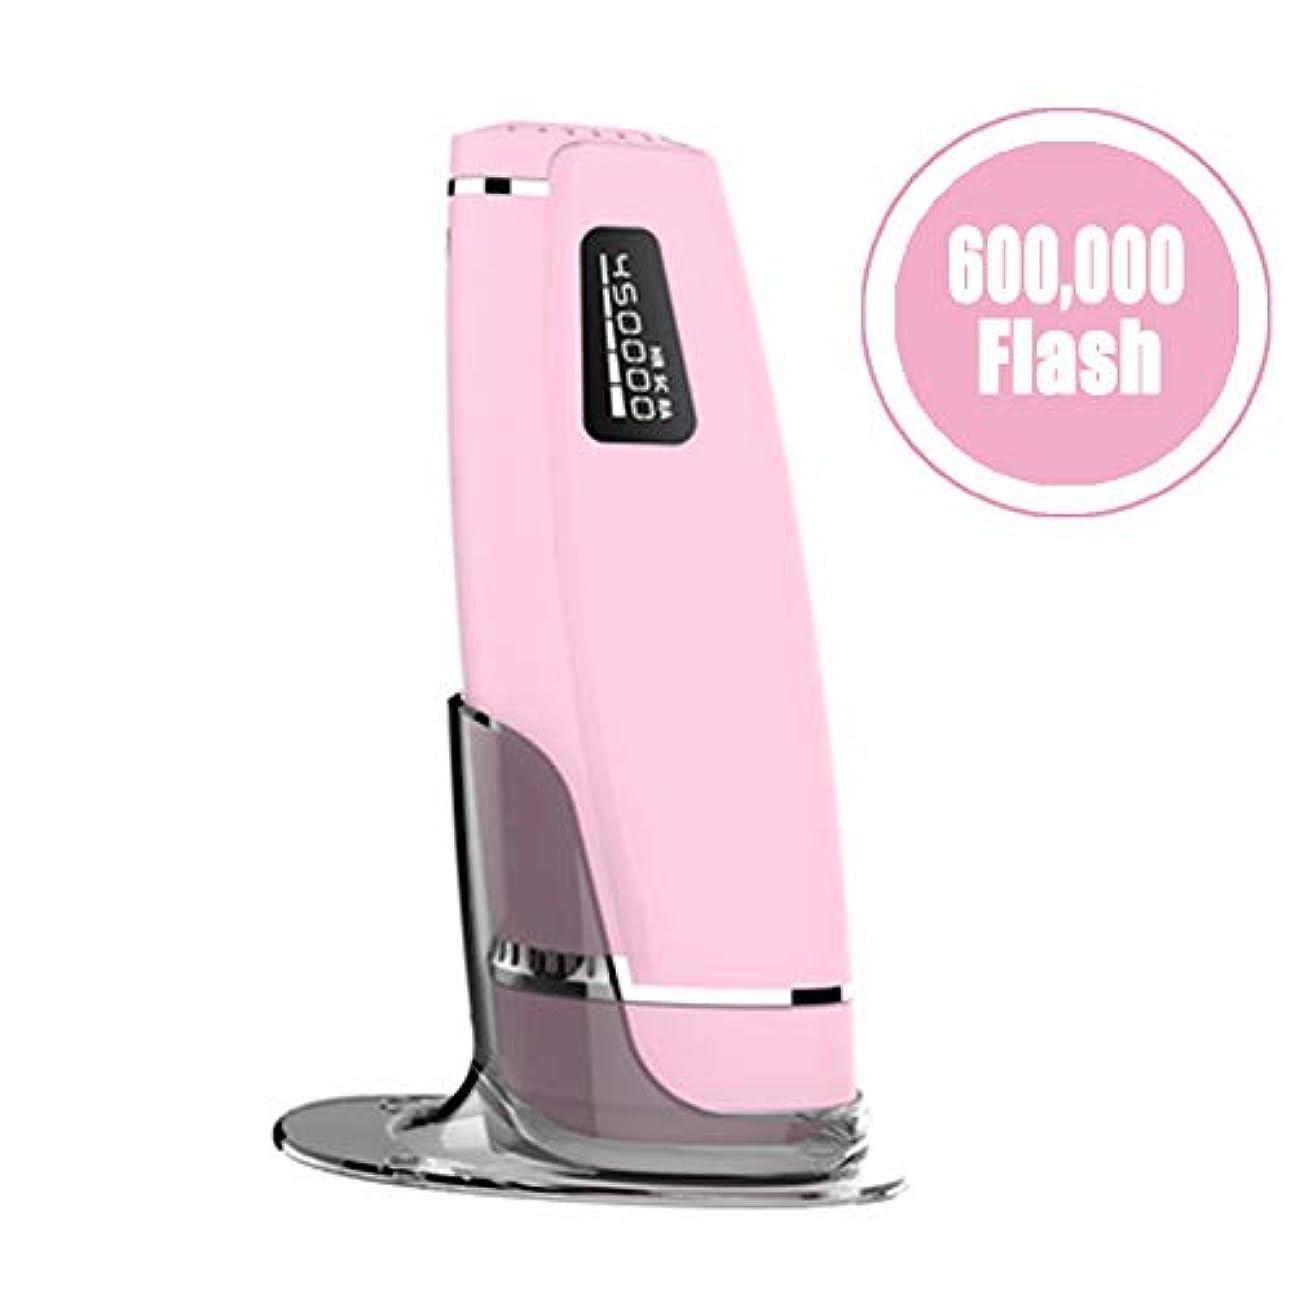 正確に熱心旋回アップグレードIPLレーザー脱毛システムデバイス、60万回のフラッシュ無痛常設パルス光脱毛器にとってボディフェイス脇の下ビキニライン,Pink